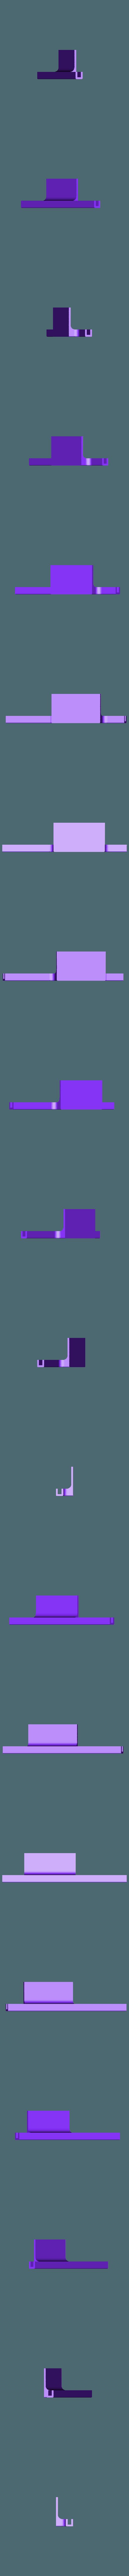 Rail Bajo.stl Télécharger fichier STL gratuit Support de plaque d'immatriculation de moto • Modèle à imprimer en 3D, Ginesor